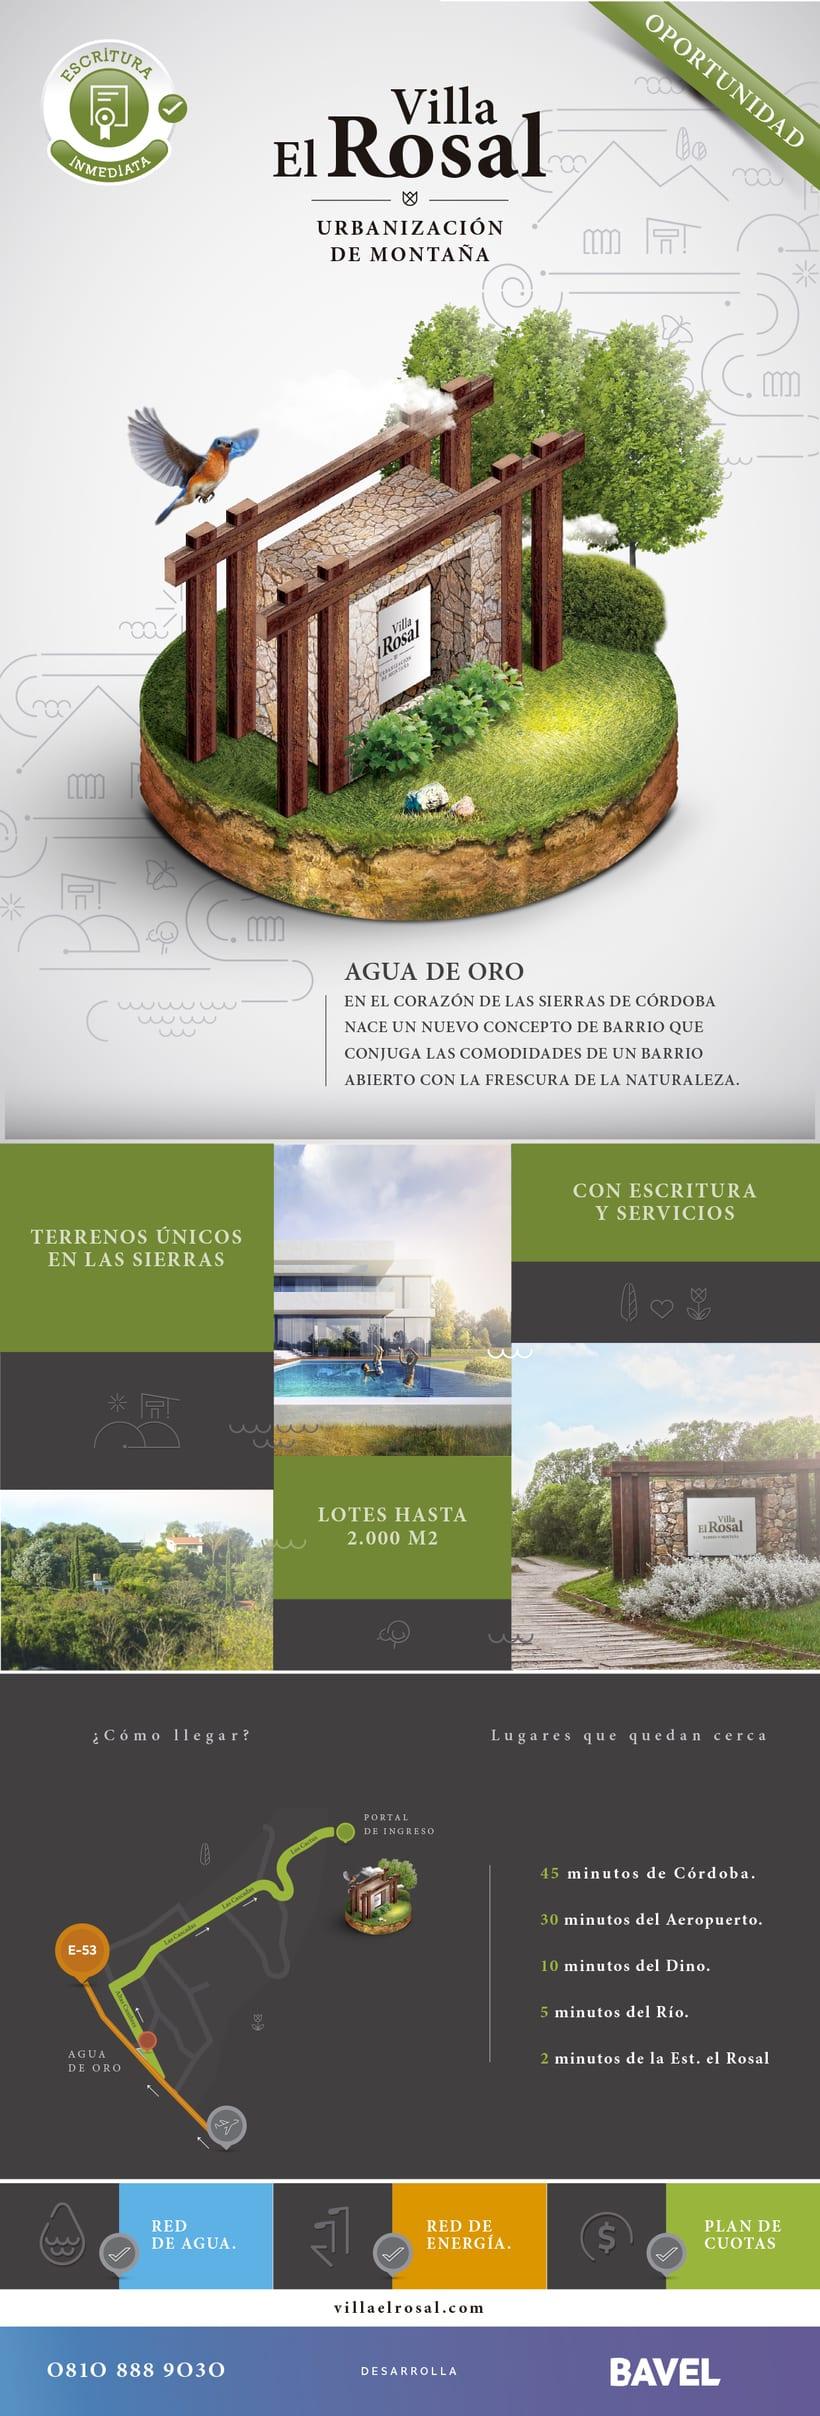 mailing Villa El Rosal 0